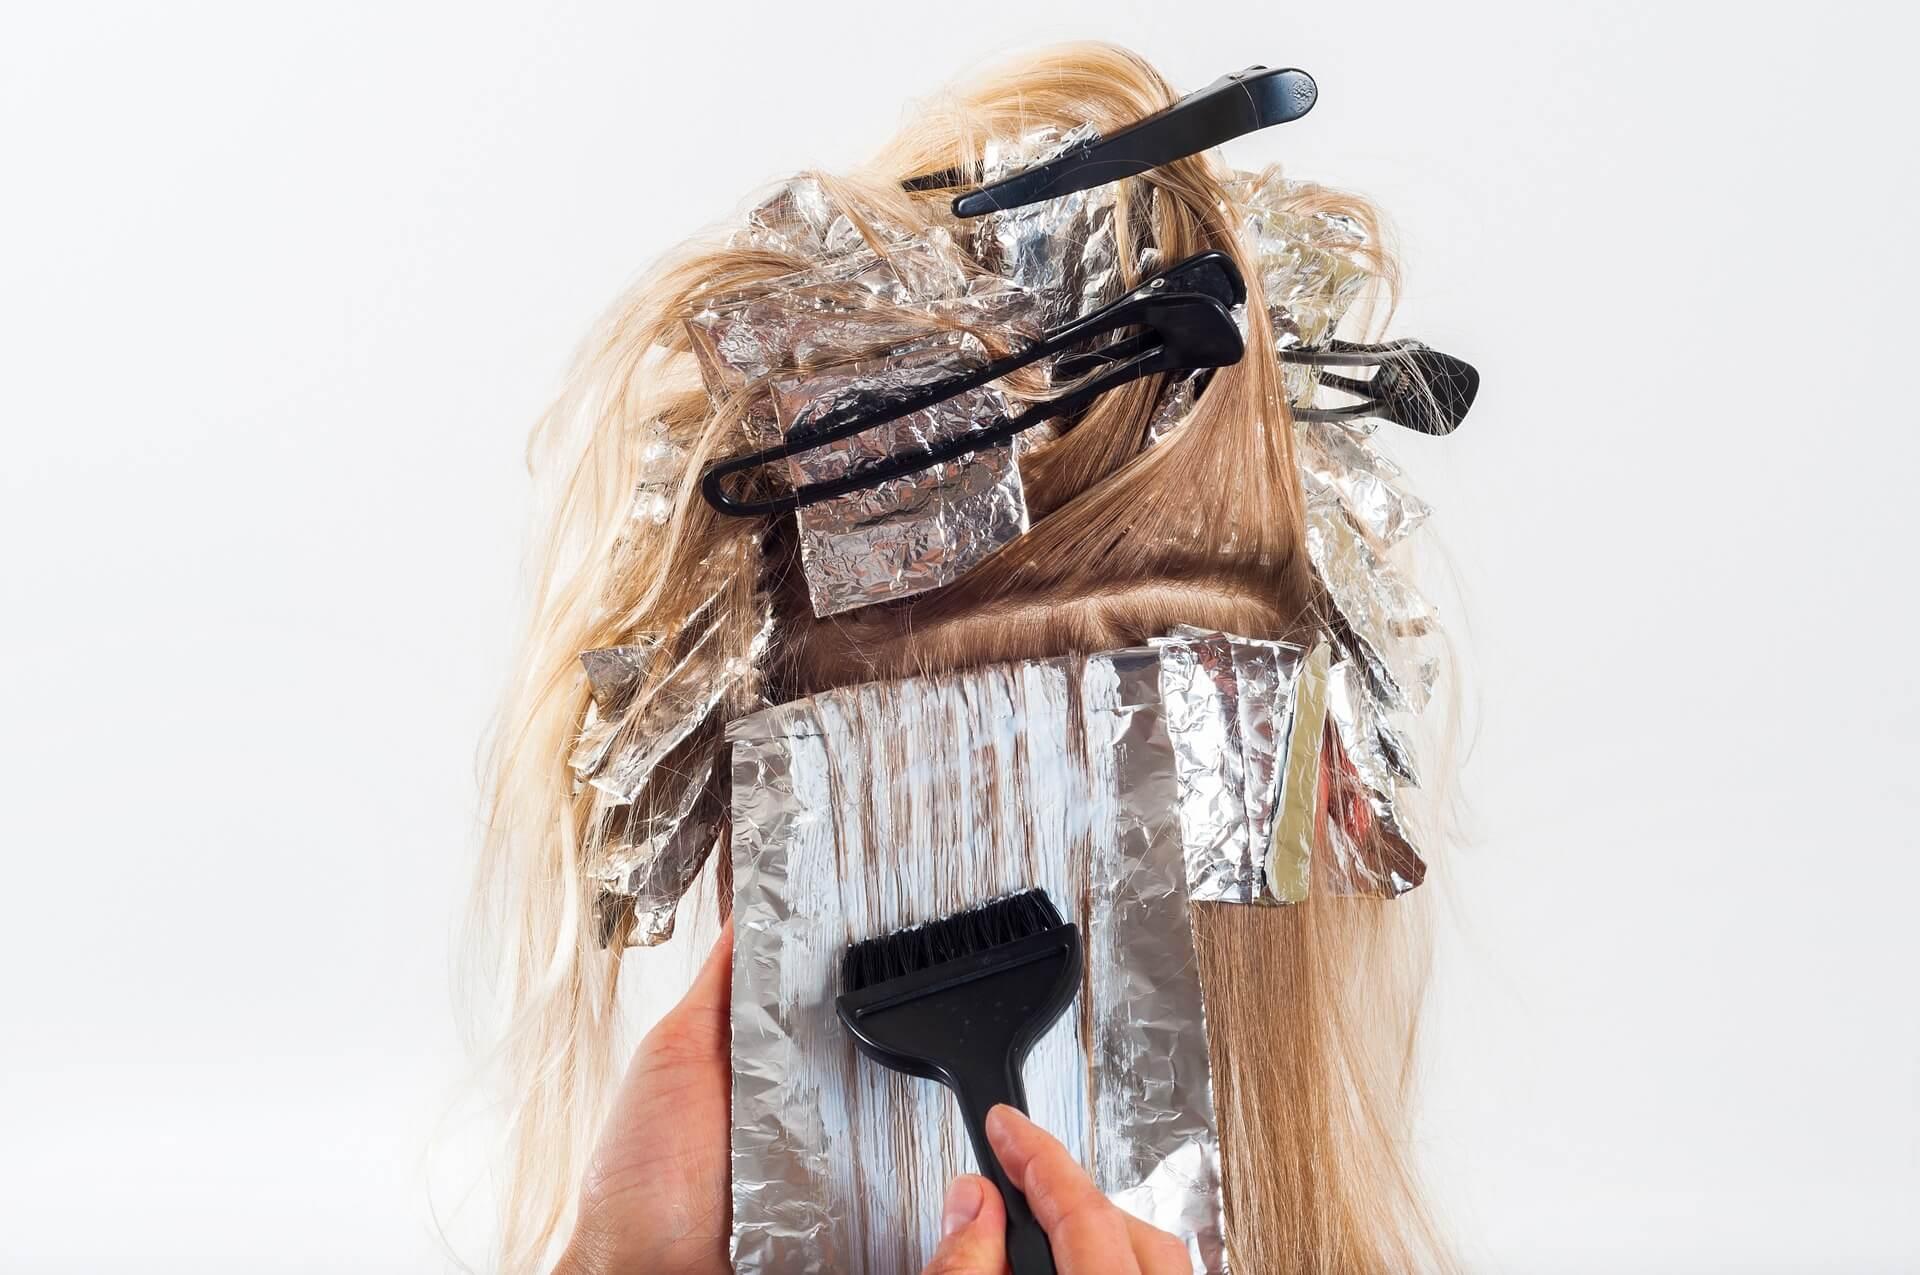 Mitos y realidades sobre el cuidado del cabello